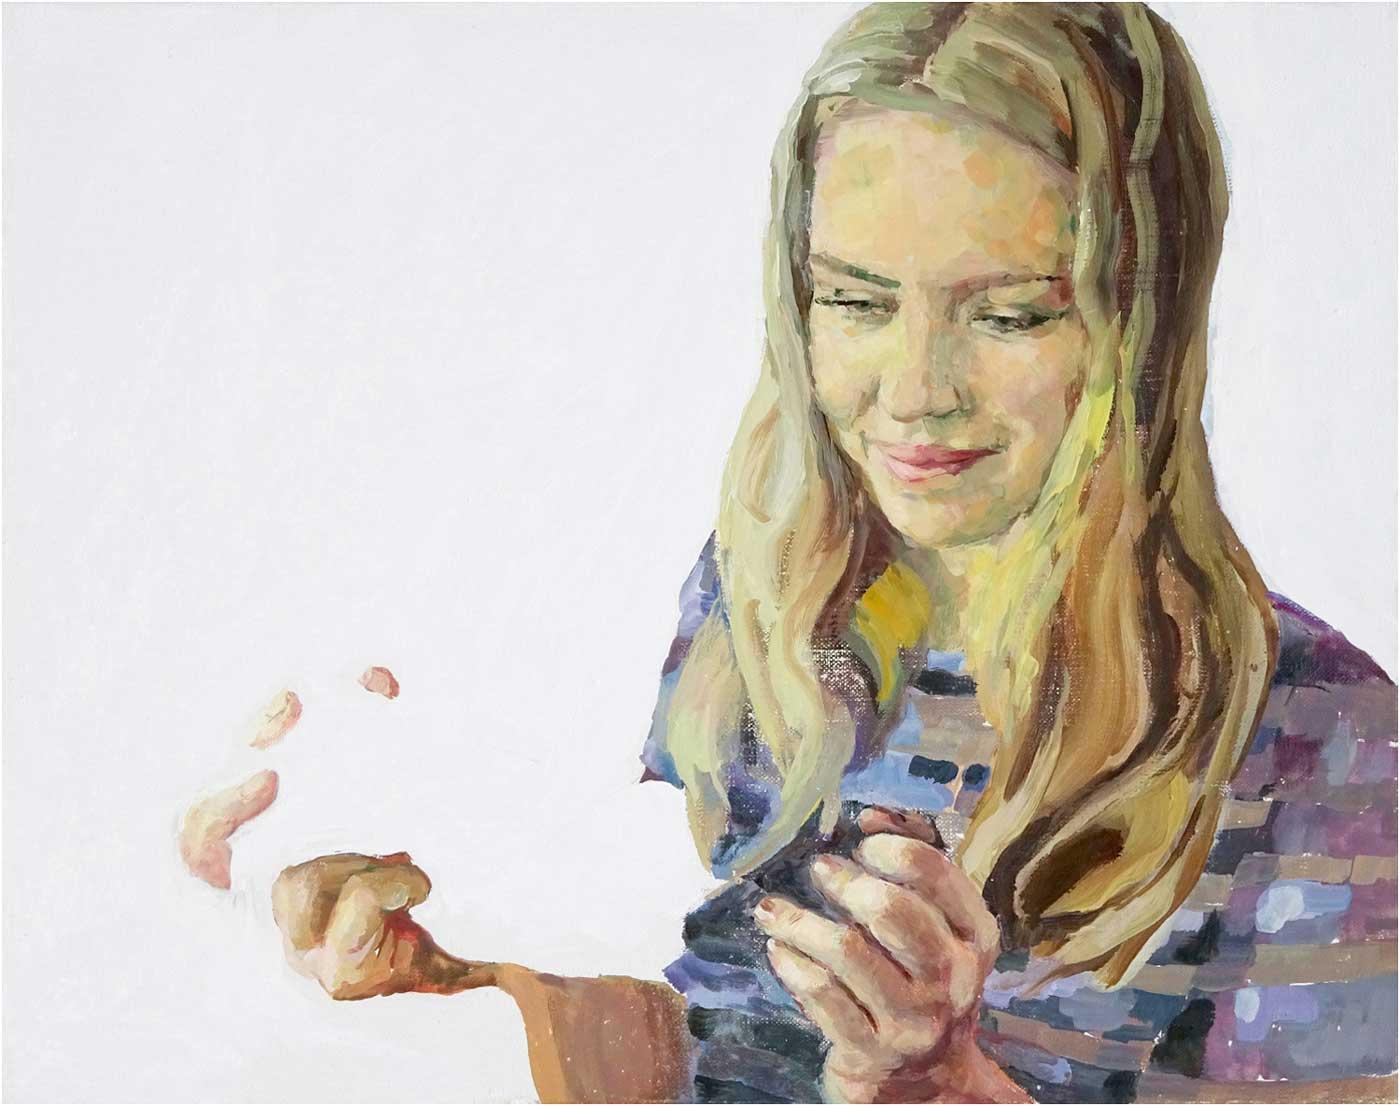 Lisa, 40 x 50 cm, Öl/Lwd,. 2017